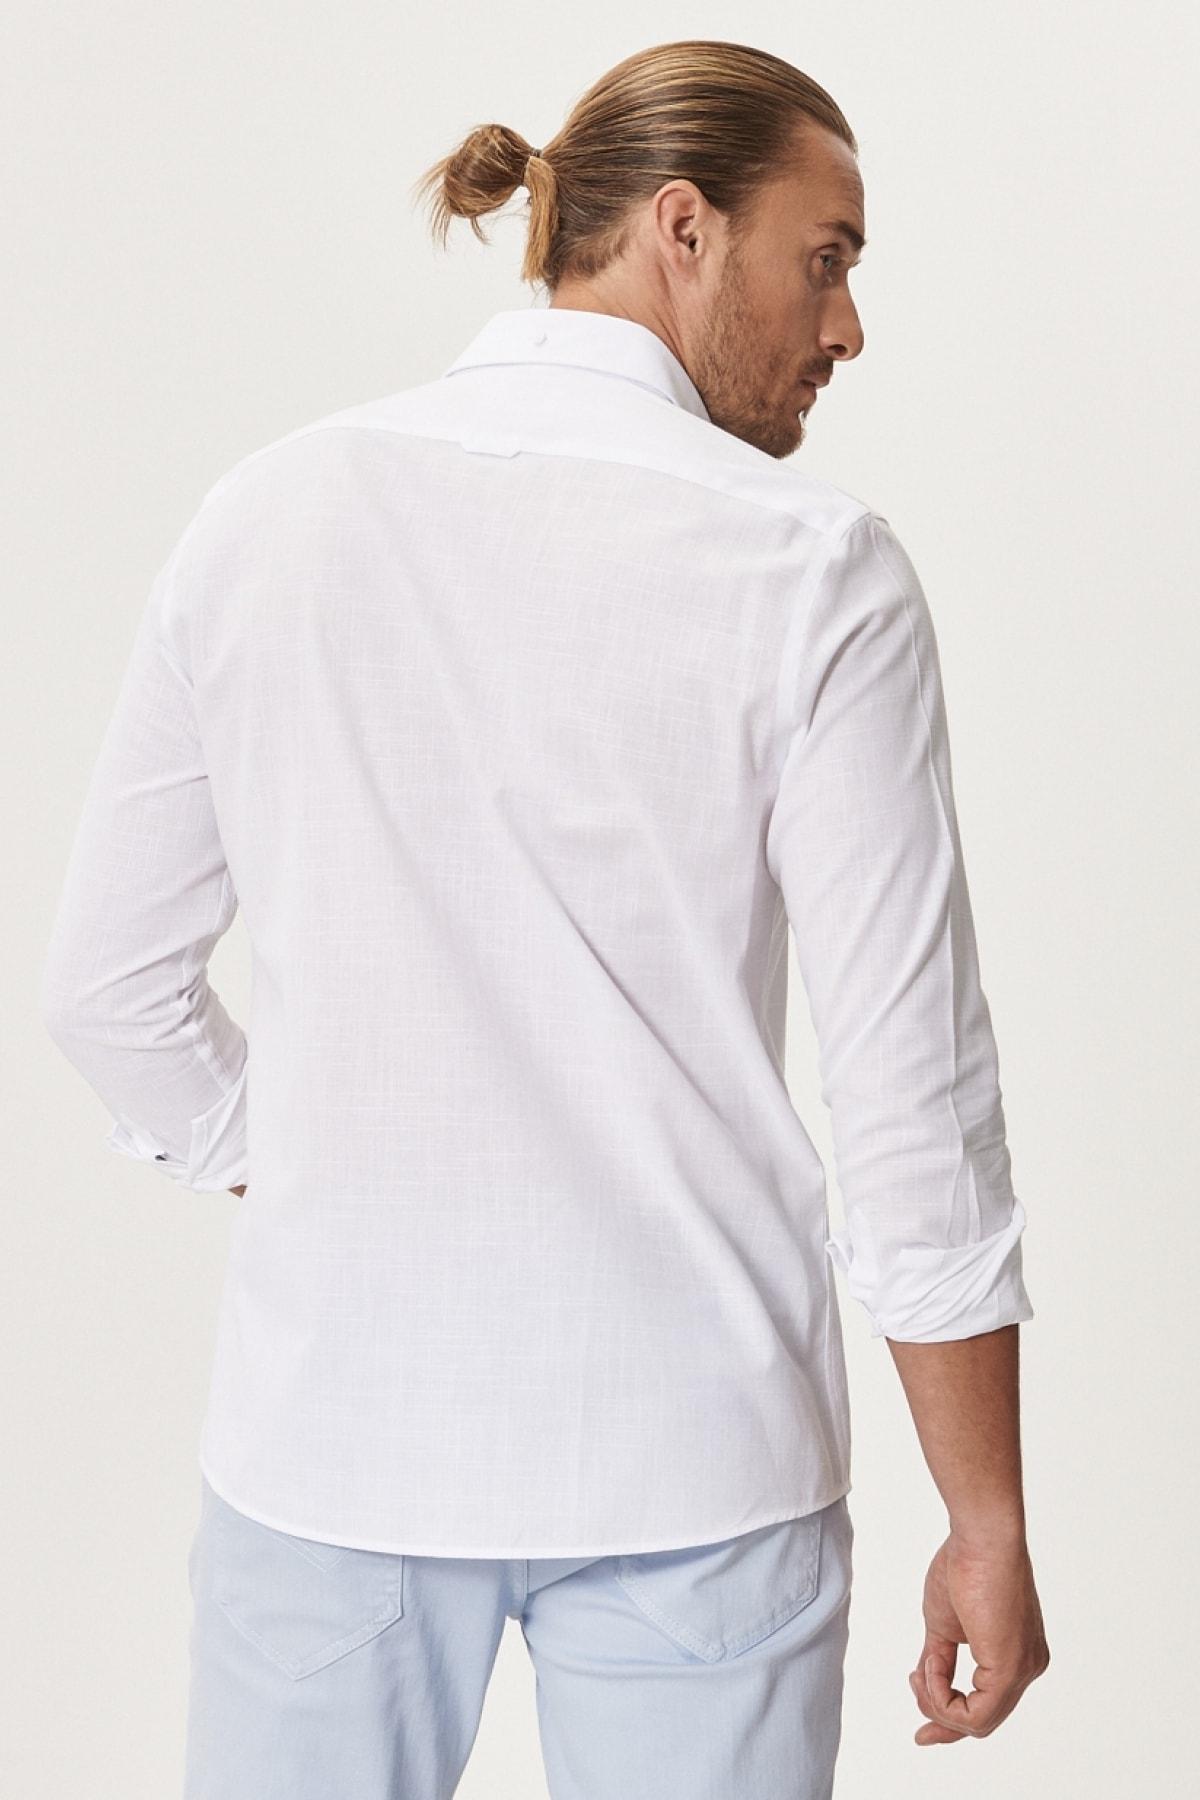 Altınyıldız Classics Erkek Beyaz Tailored Slim Fit Dar Kesim Düğmeli Yaka %100 Koton Gömlek